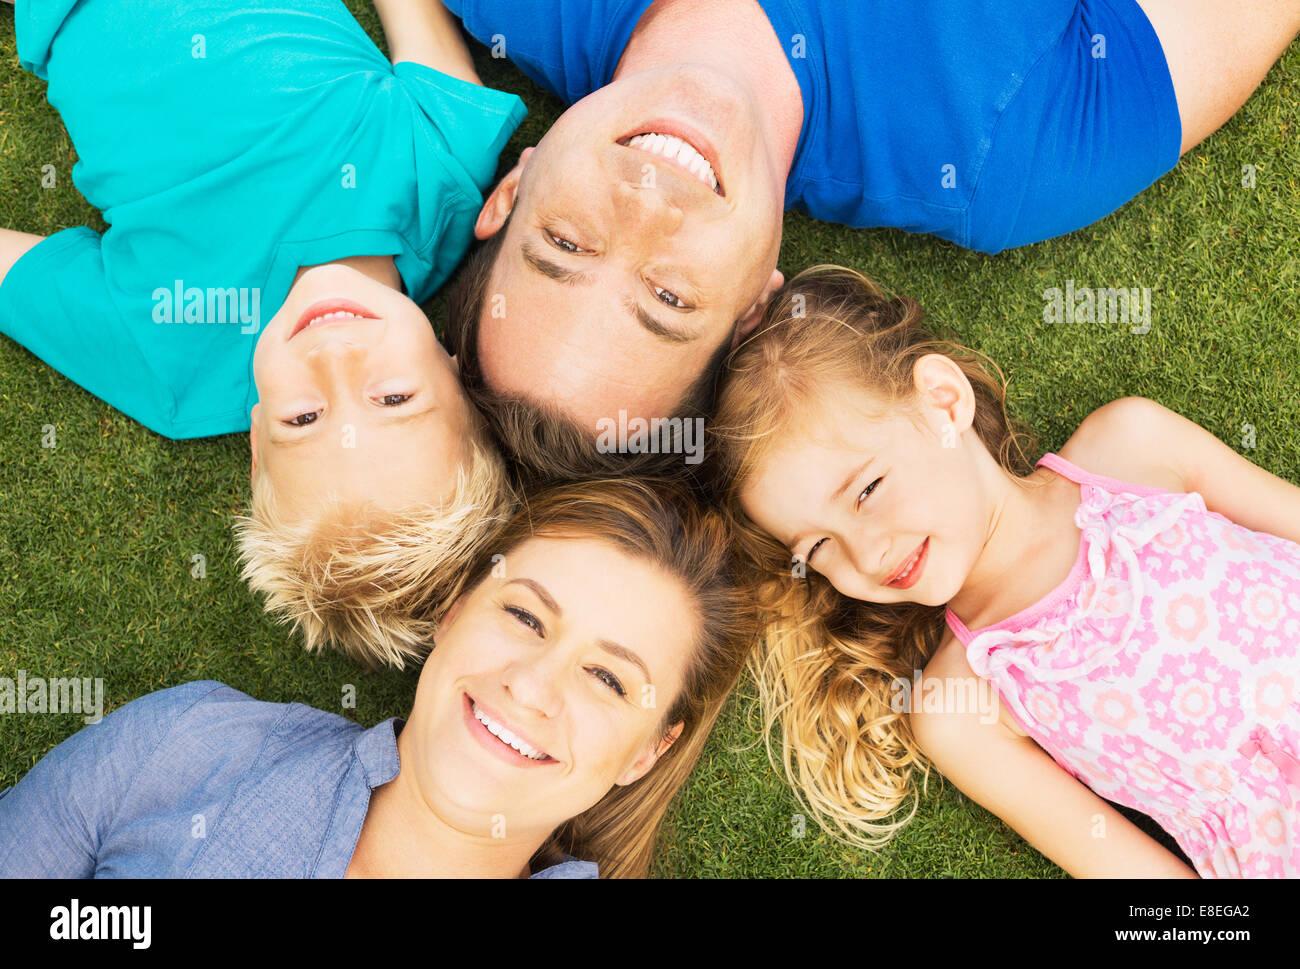 Retrato de familia feliz de cuatro fuera. Los padres y dos niños pequeños Imagen De Stock